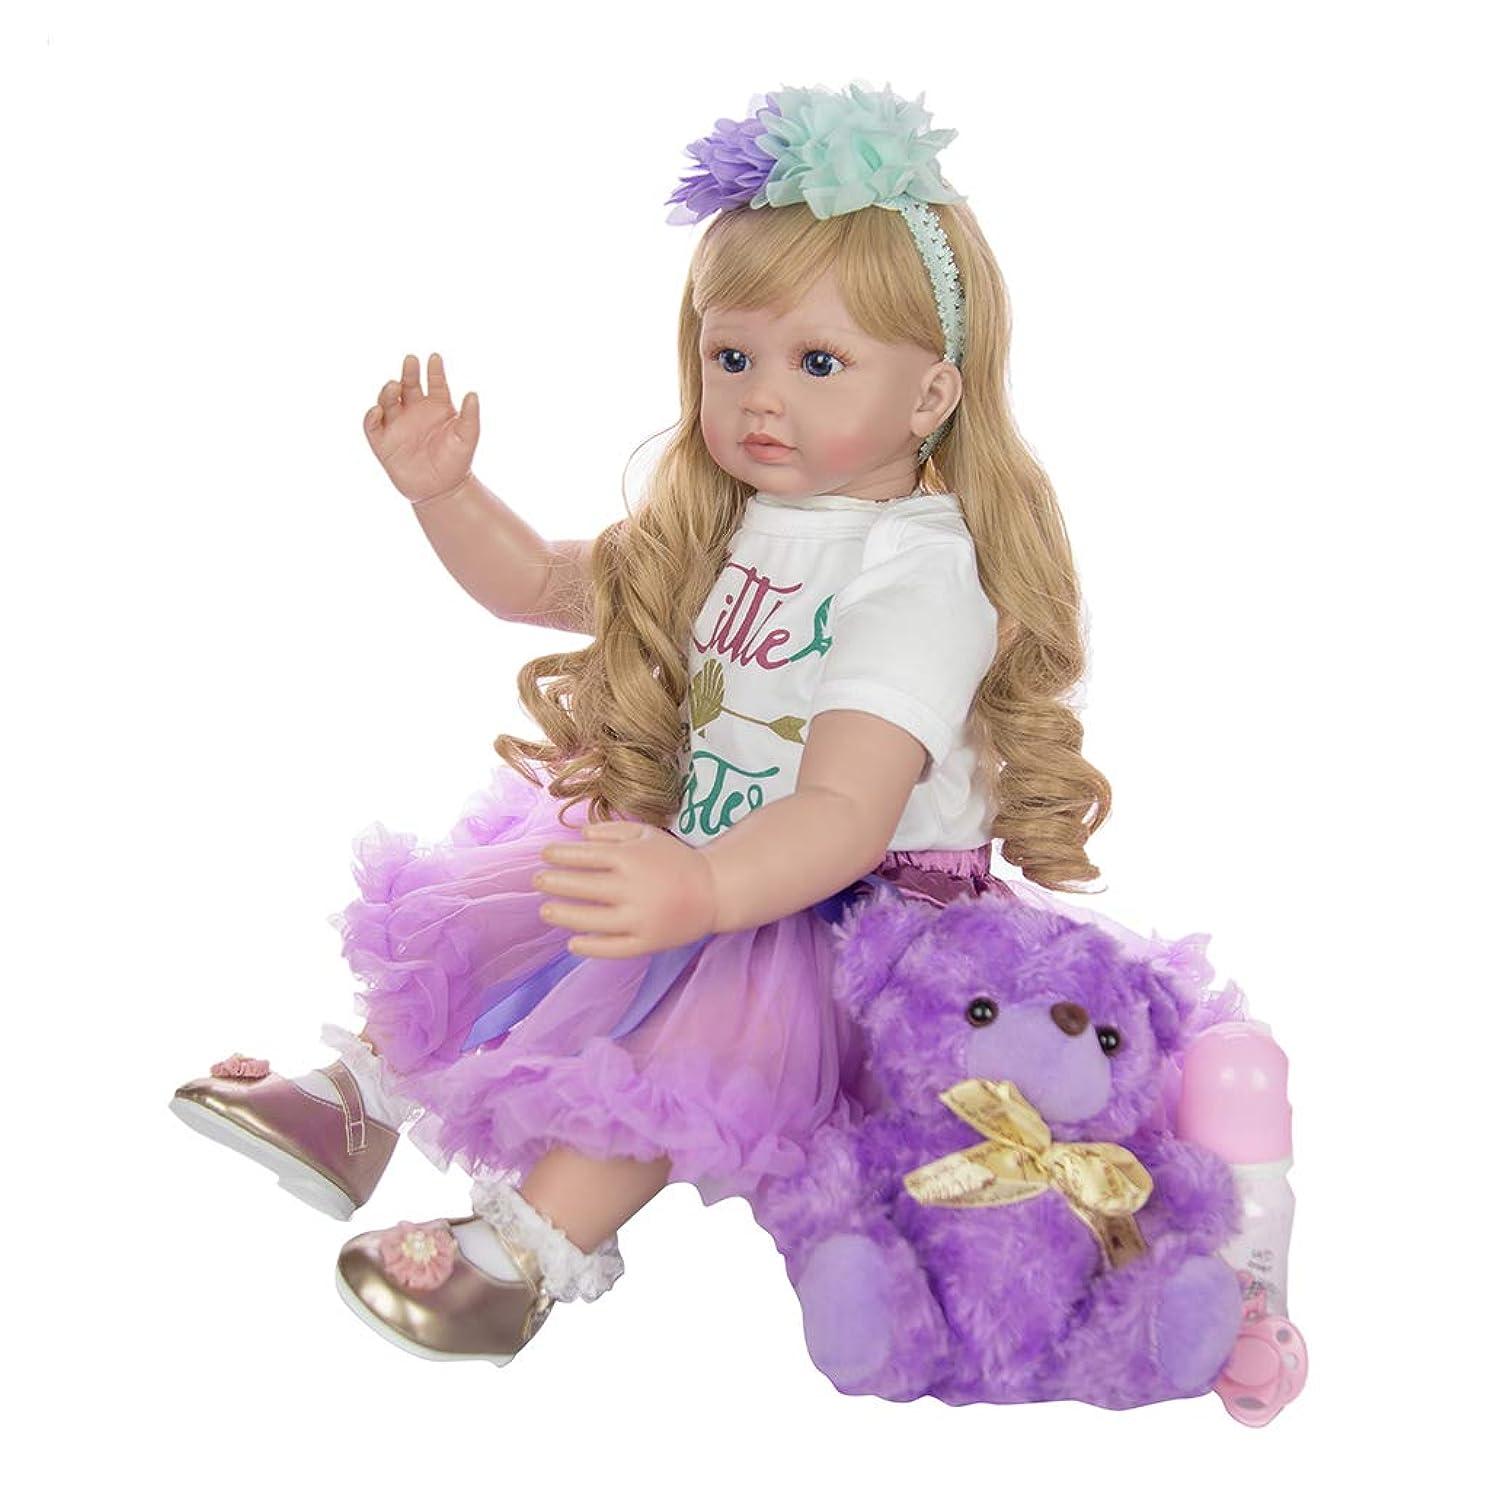 装備する送料面倒Toygogo リアル人形 ドール 幼児 女の子 本体 巻き毛 可動ボディ 着せ替えセット 手作り ギフト 60cm